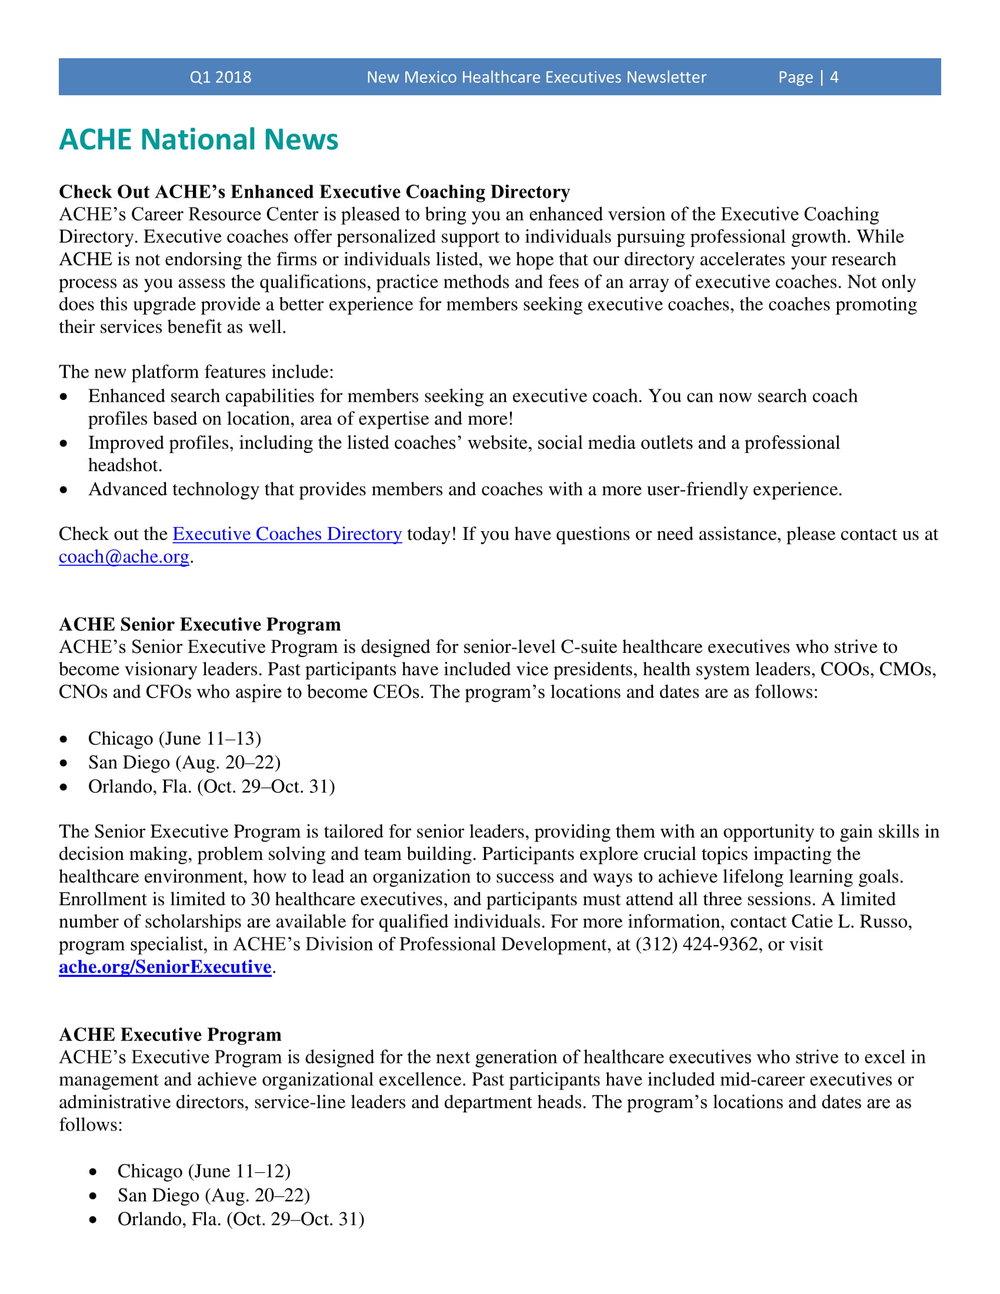 NMHE Newsletter Q1 2018-4.jpg